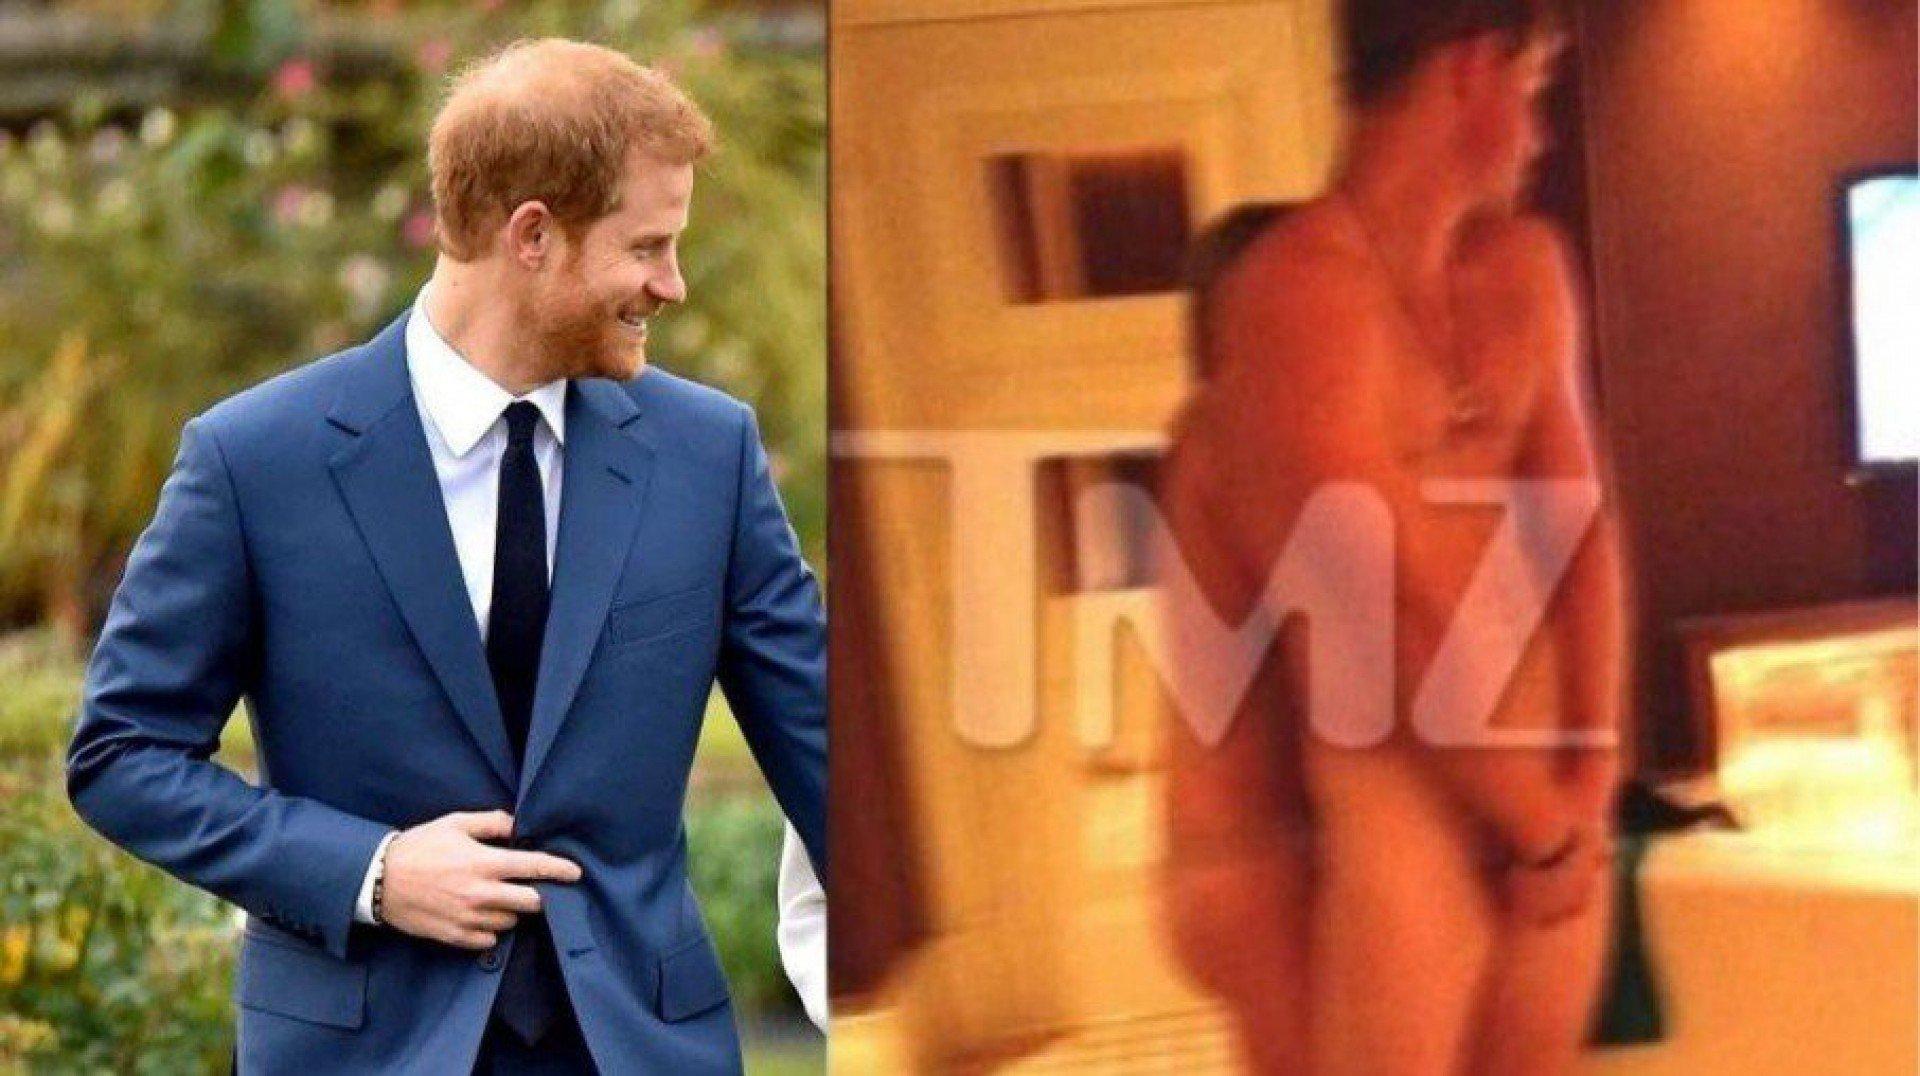 Príncipe Harry - Divulgação Palácio de Buckingham/Reprodução TMZ